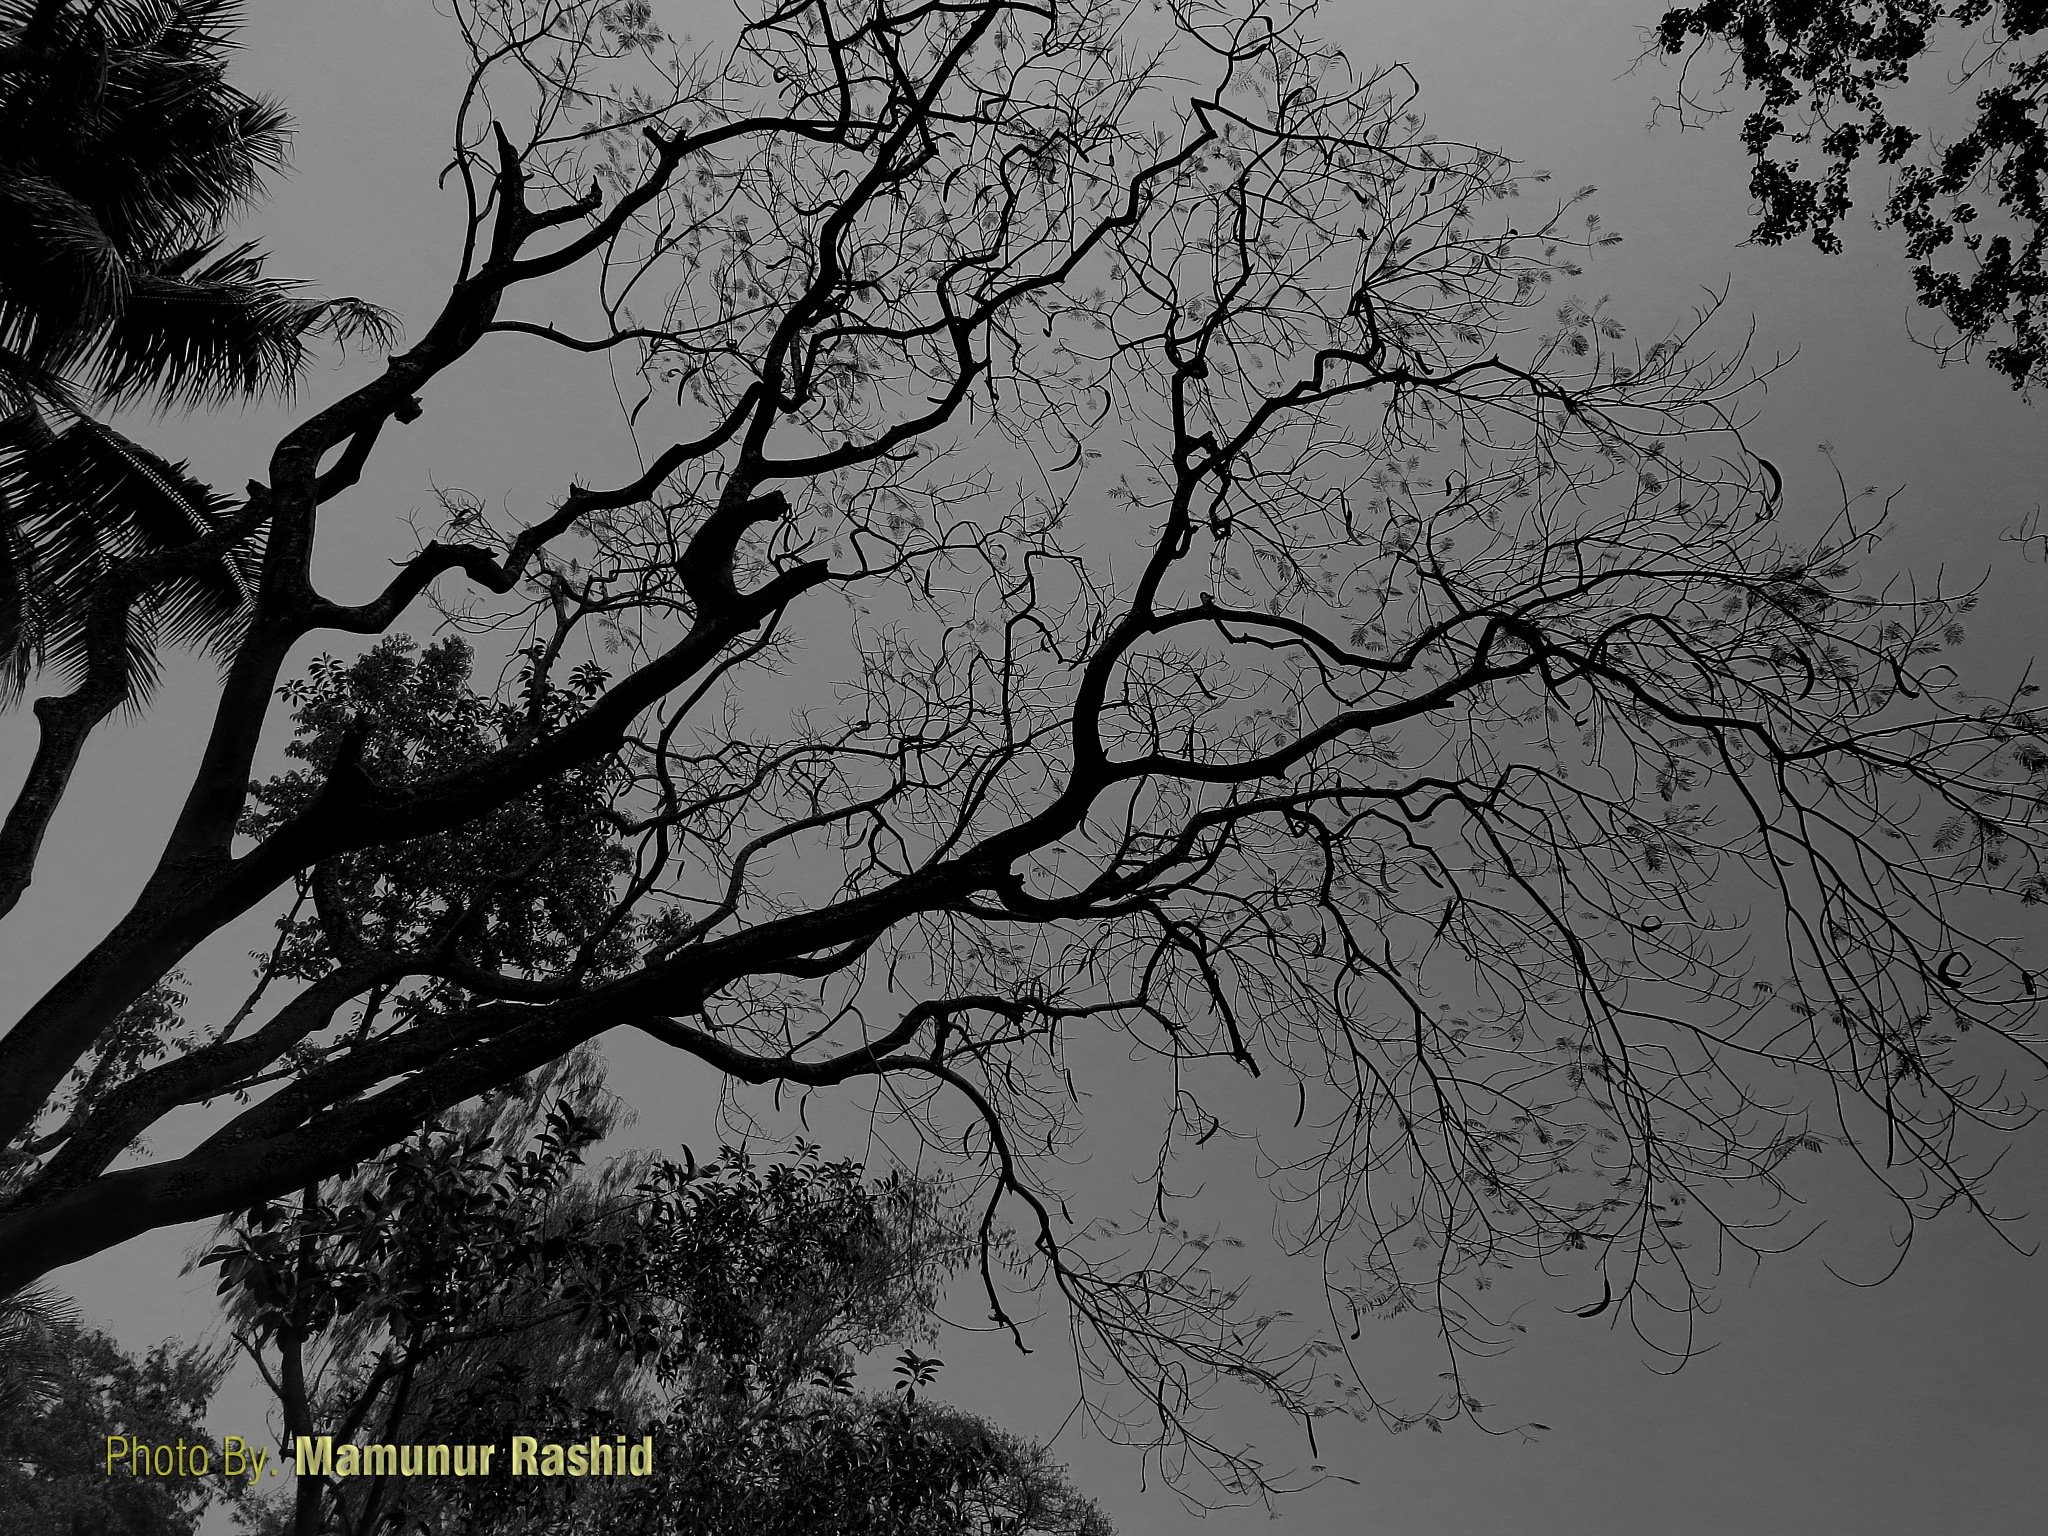 Untitled by Mamunur Ráshid